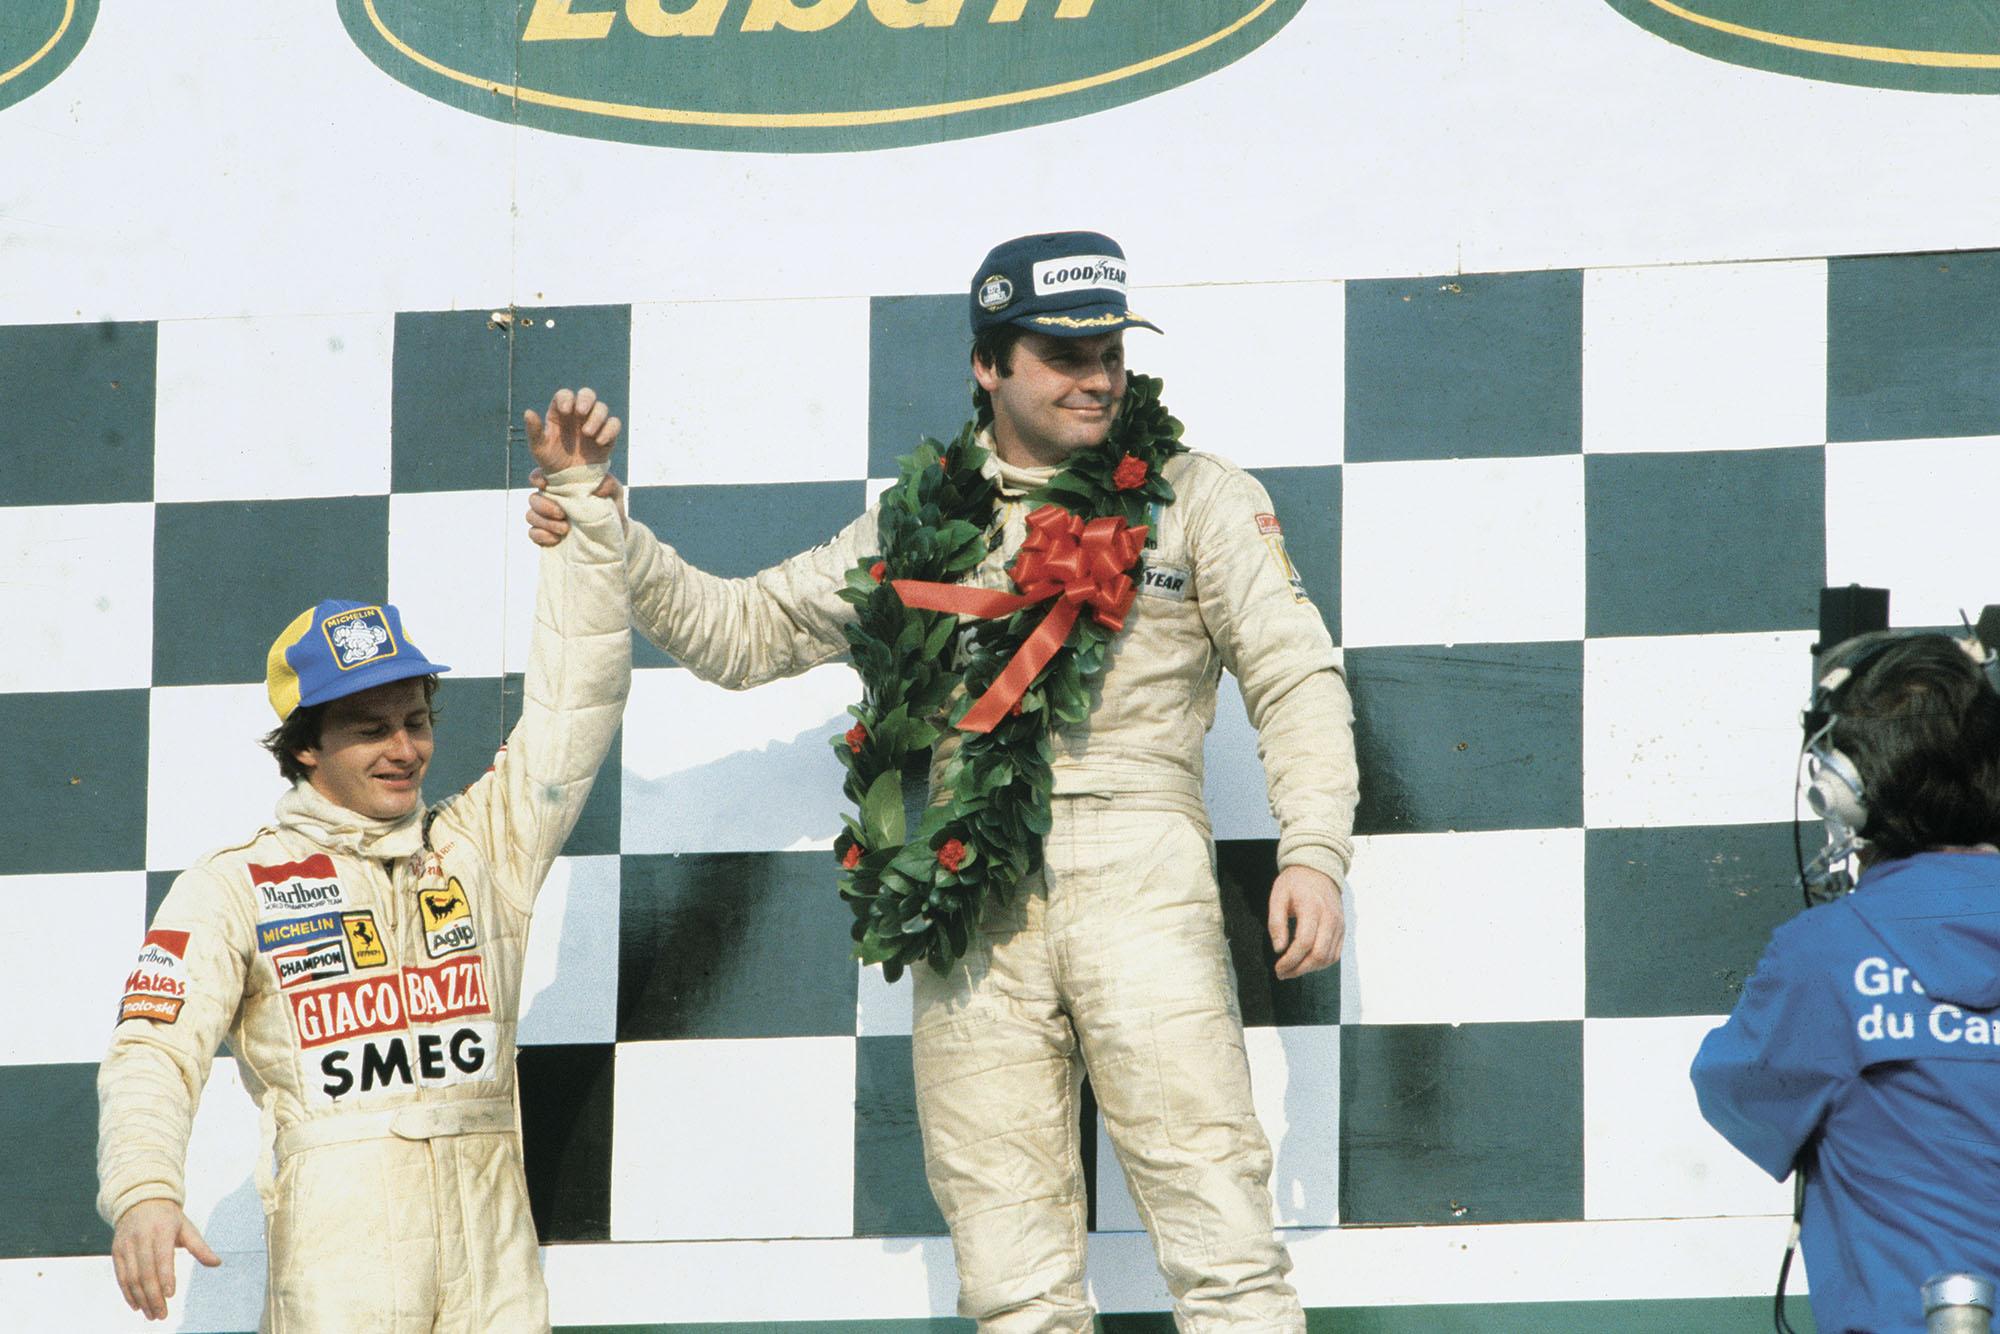 1979 Canadian GP podium